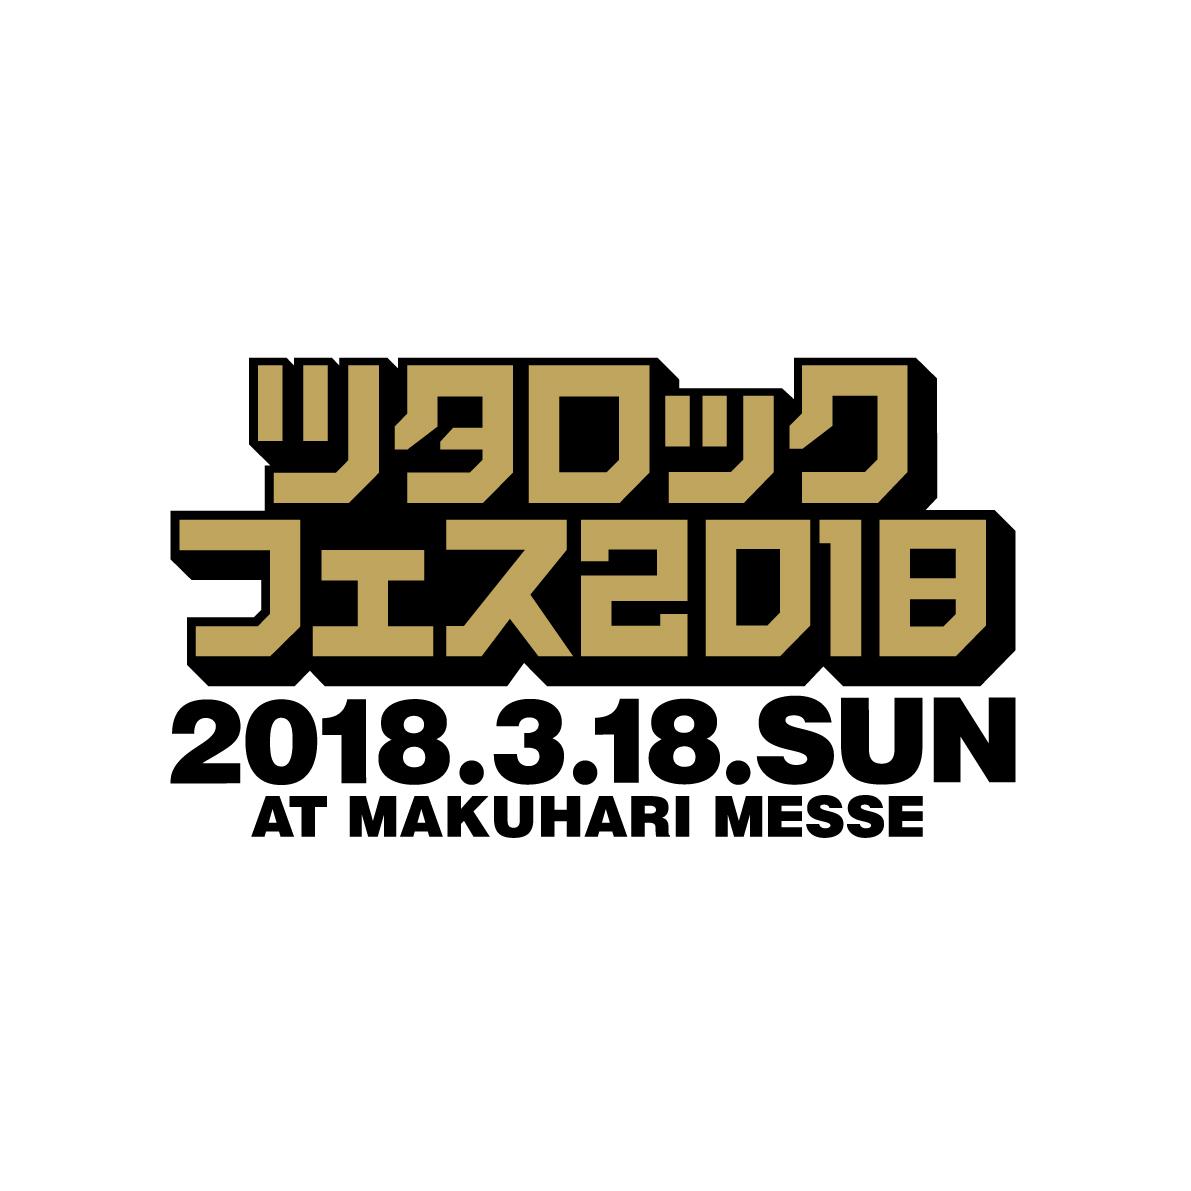 ツタロックフェス 2018 ~TSUTAYA ROCK FESTIVAL 2018~